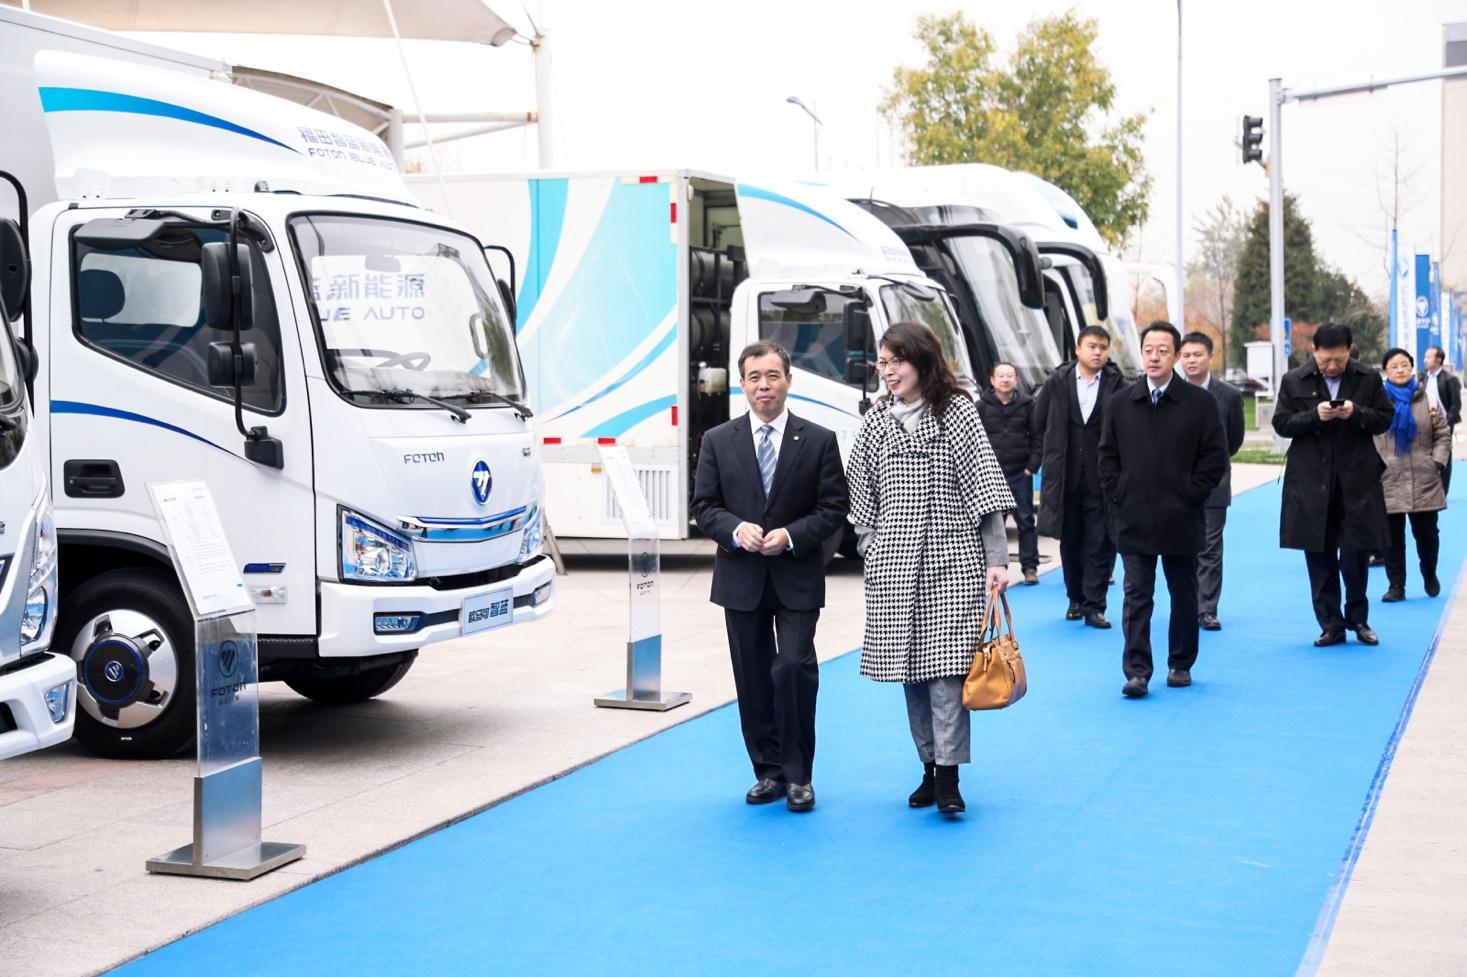 福田汽车发布智蓝新能源 2025战略 抢占未来发展